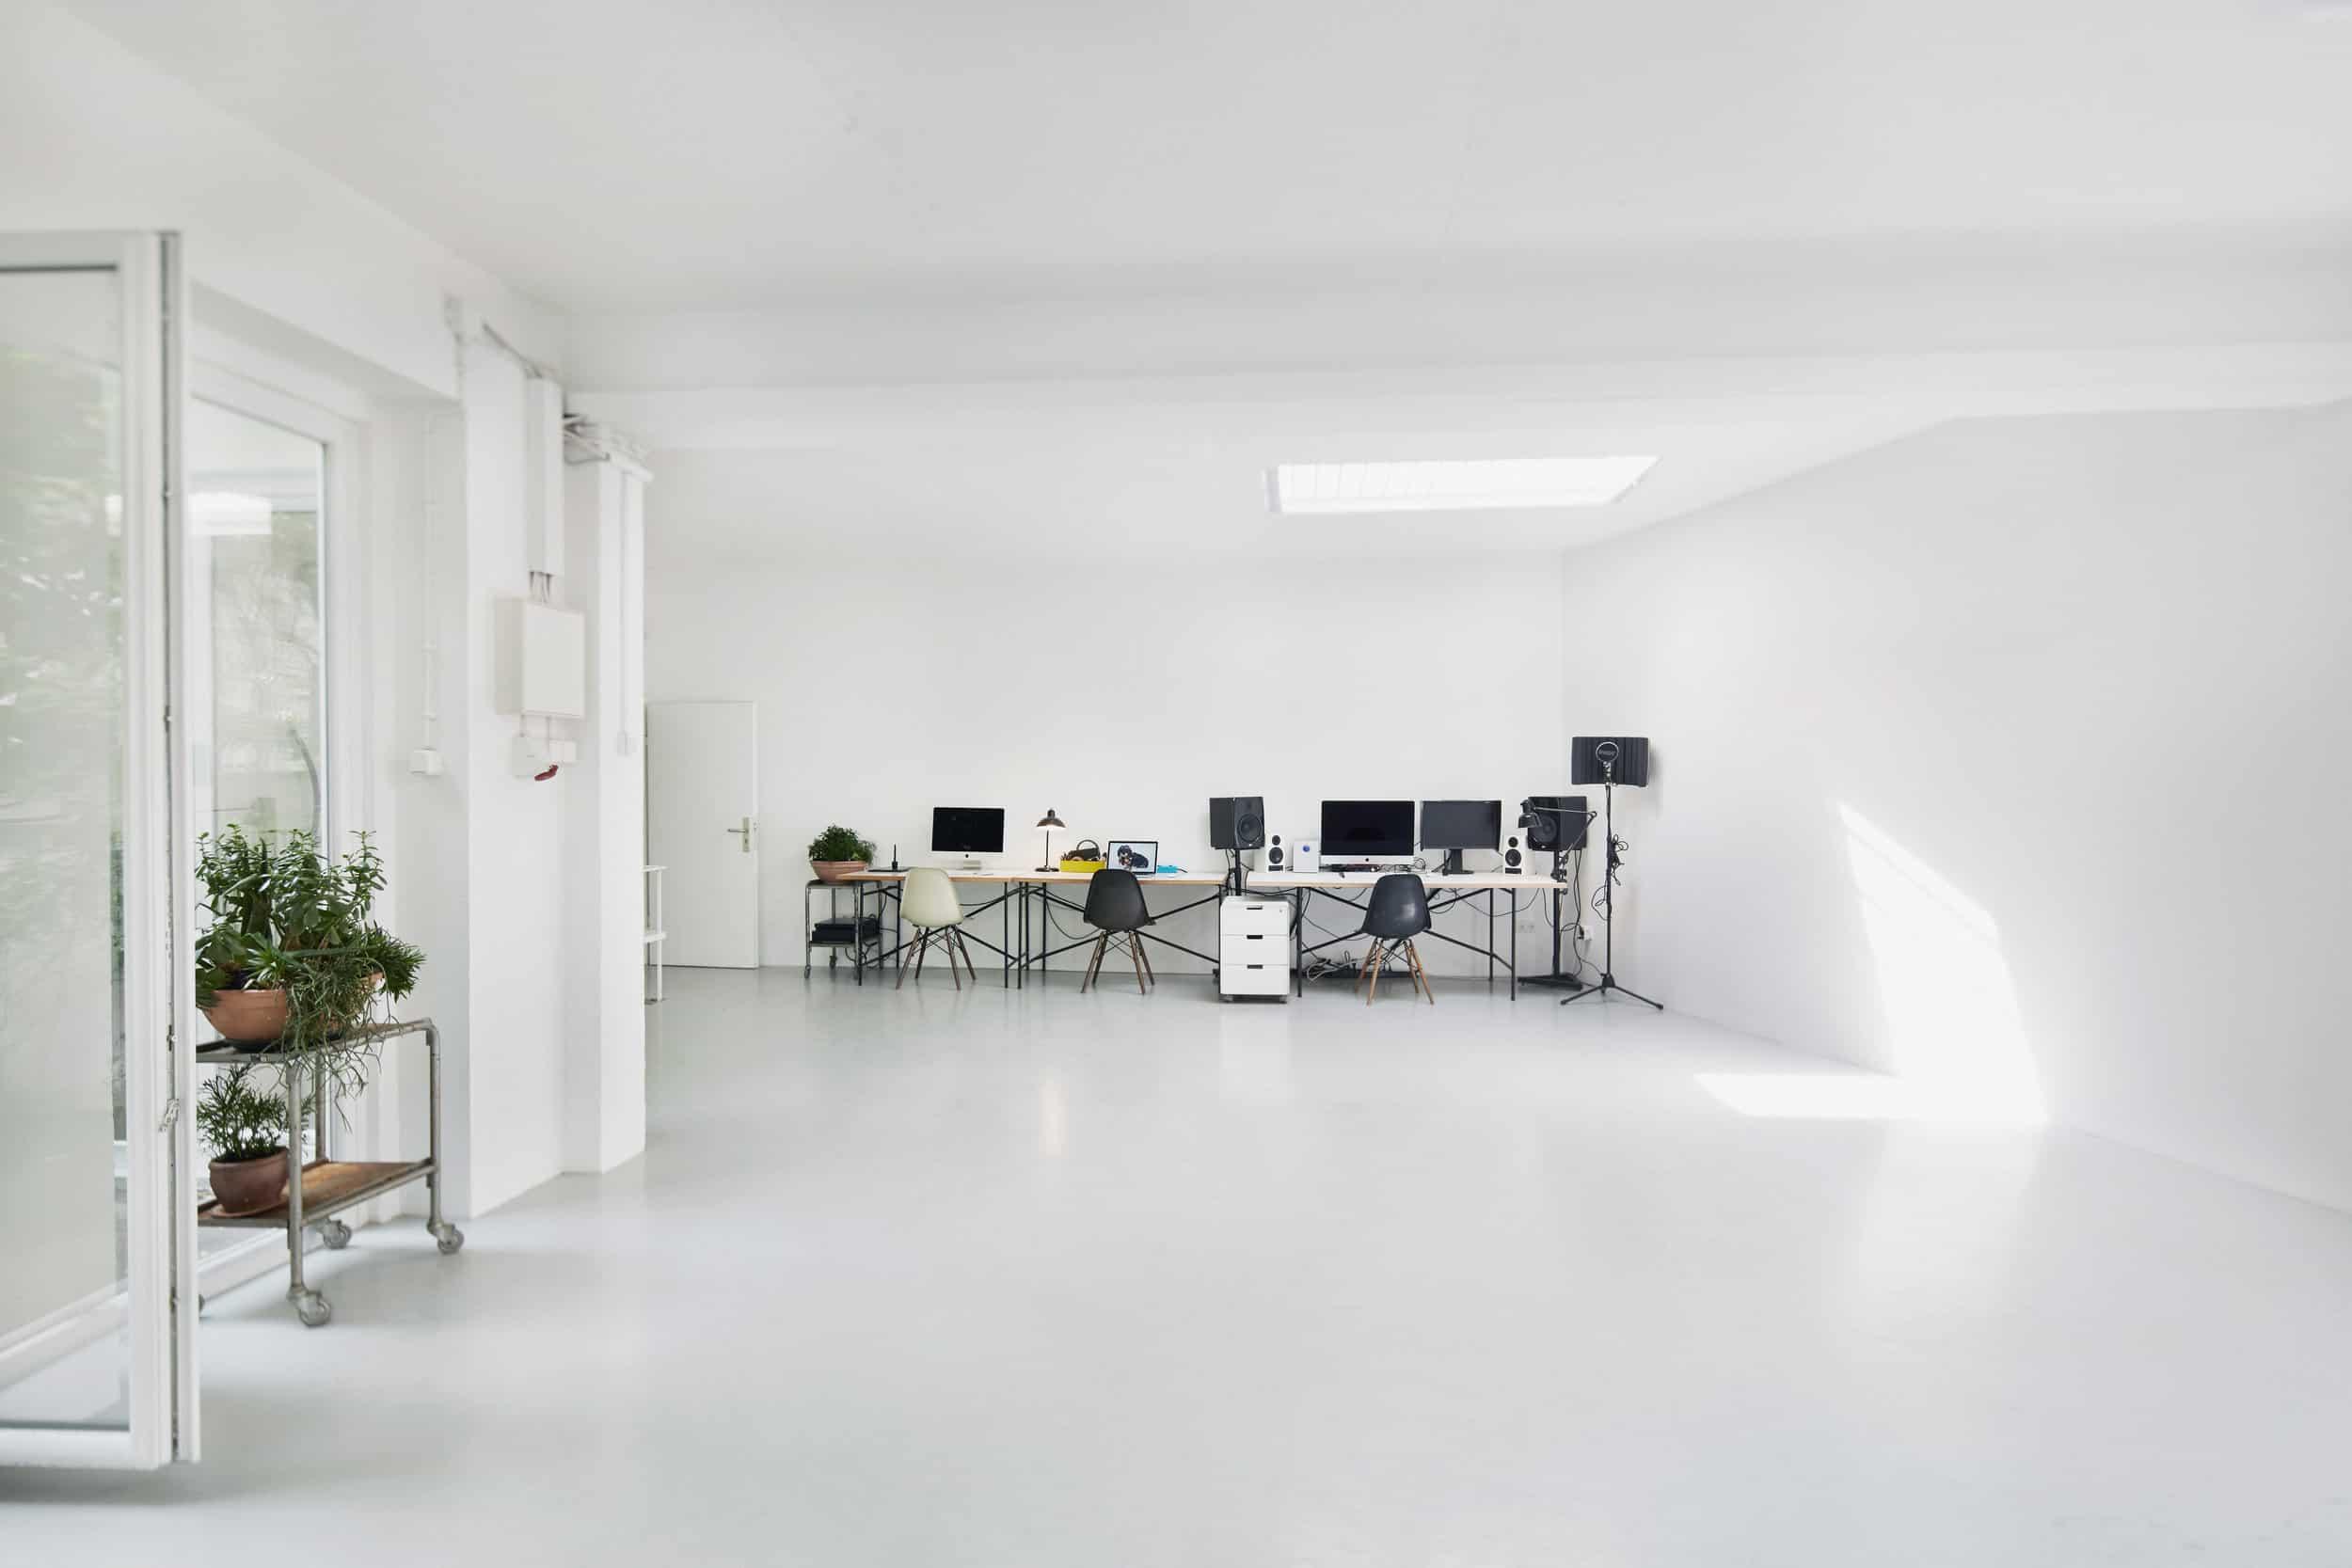 studio-ignatov-crew-studio